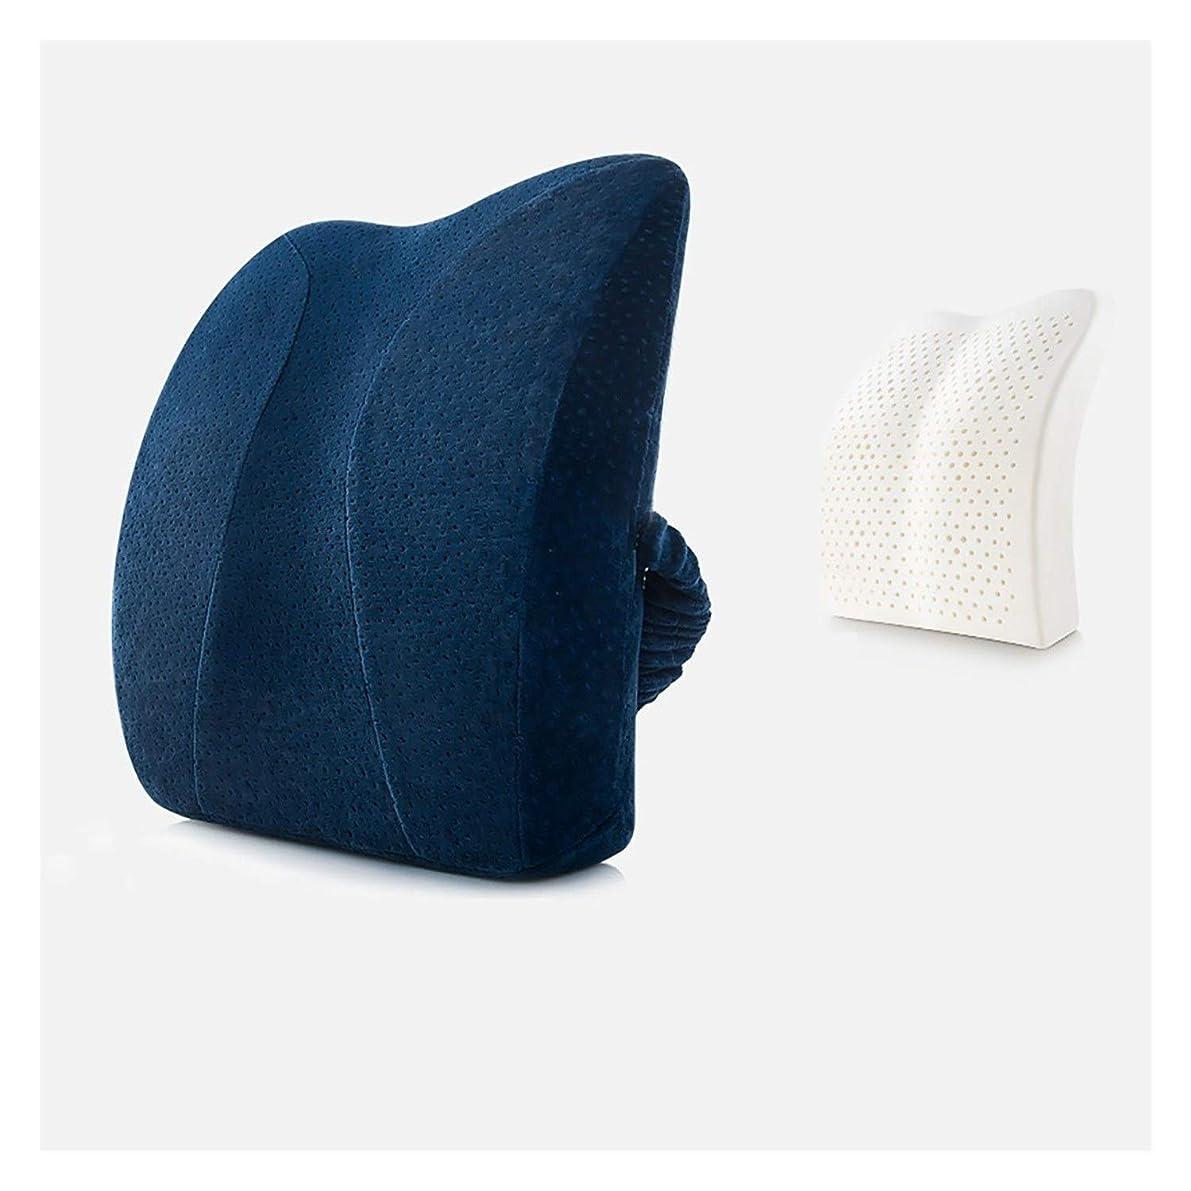 印象派コイン配管YLIAN 腰椎枕 腰椎枕椅子バックサポートクッション100%天然フォームラテックスインナーコア、車のホームオフィスチェア、エルゴノミクス整形外科デザイン (Color : Navy Blue)